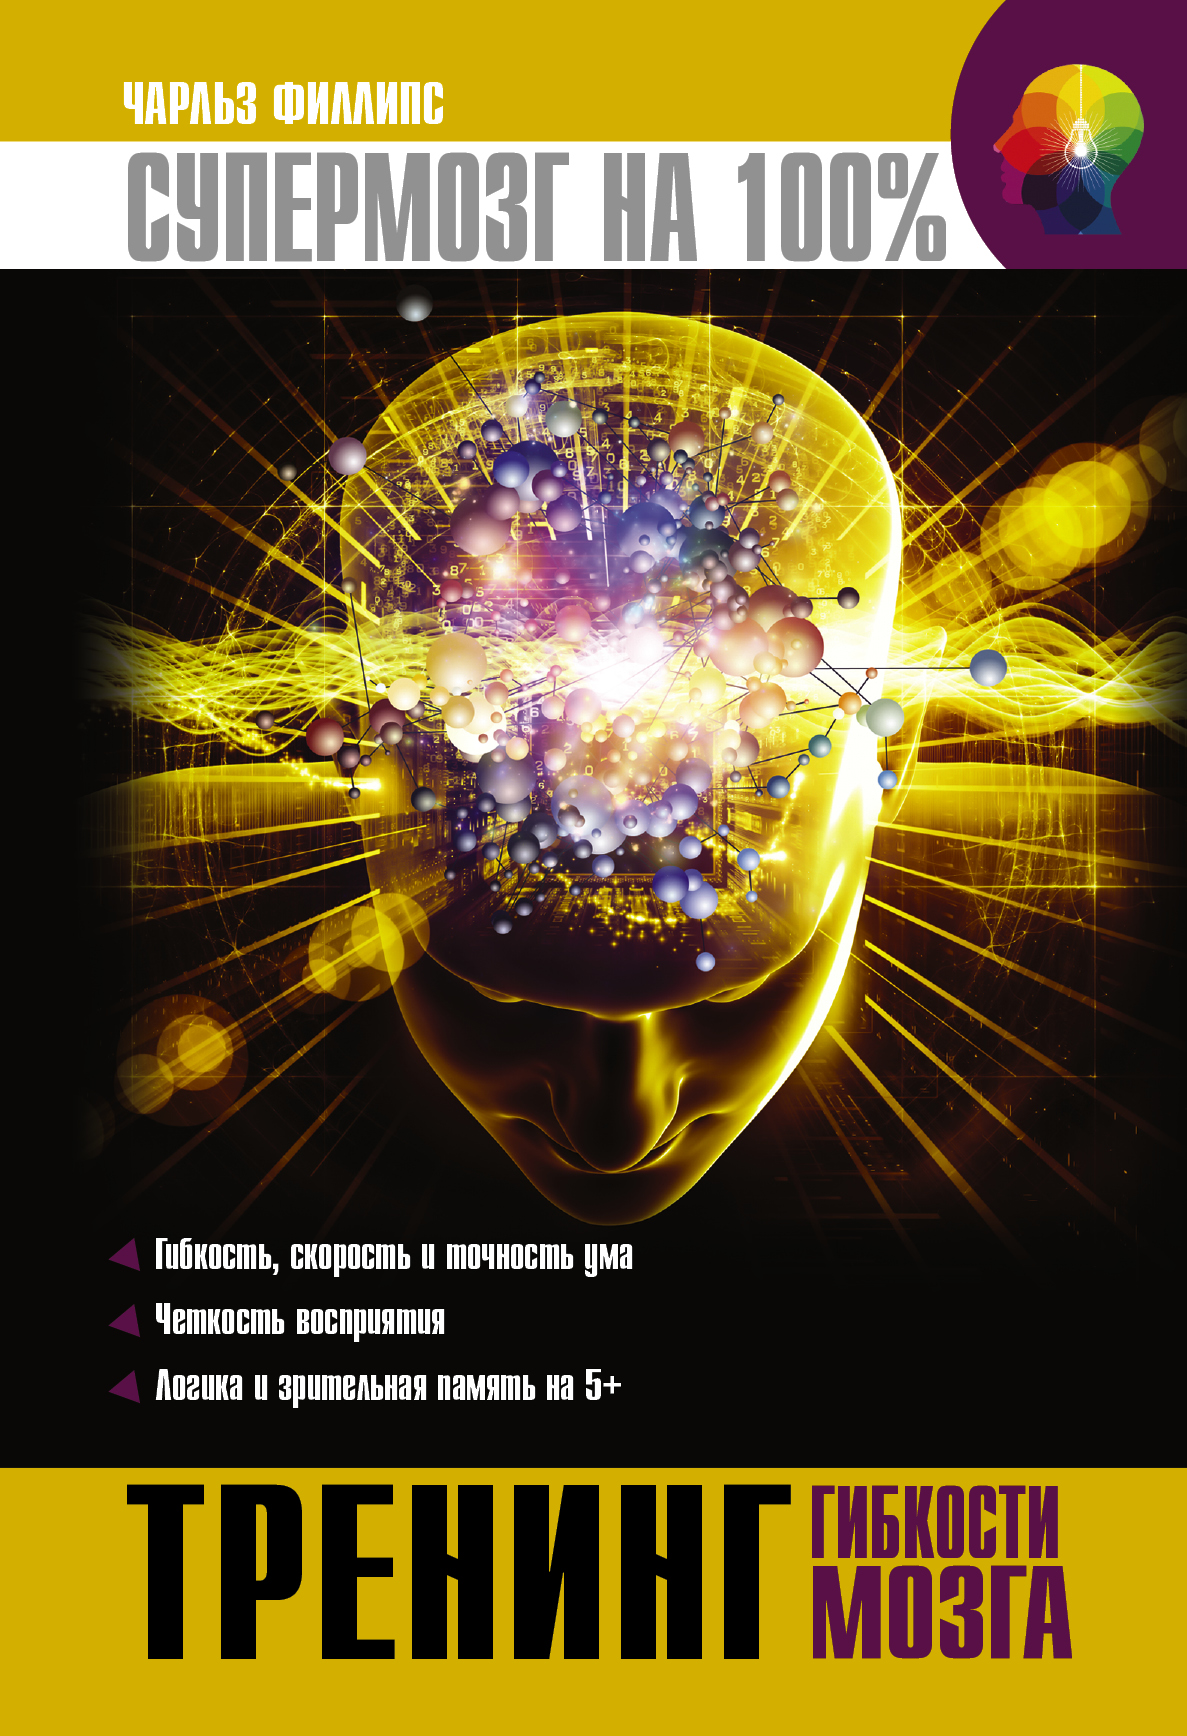 Тренинг гибкости мозга